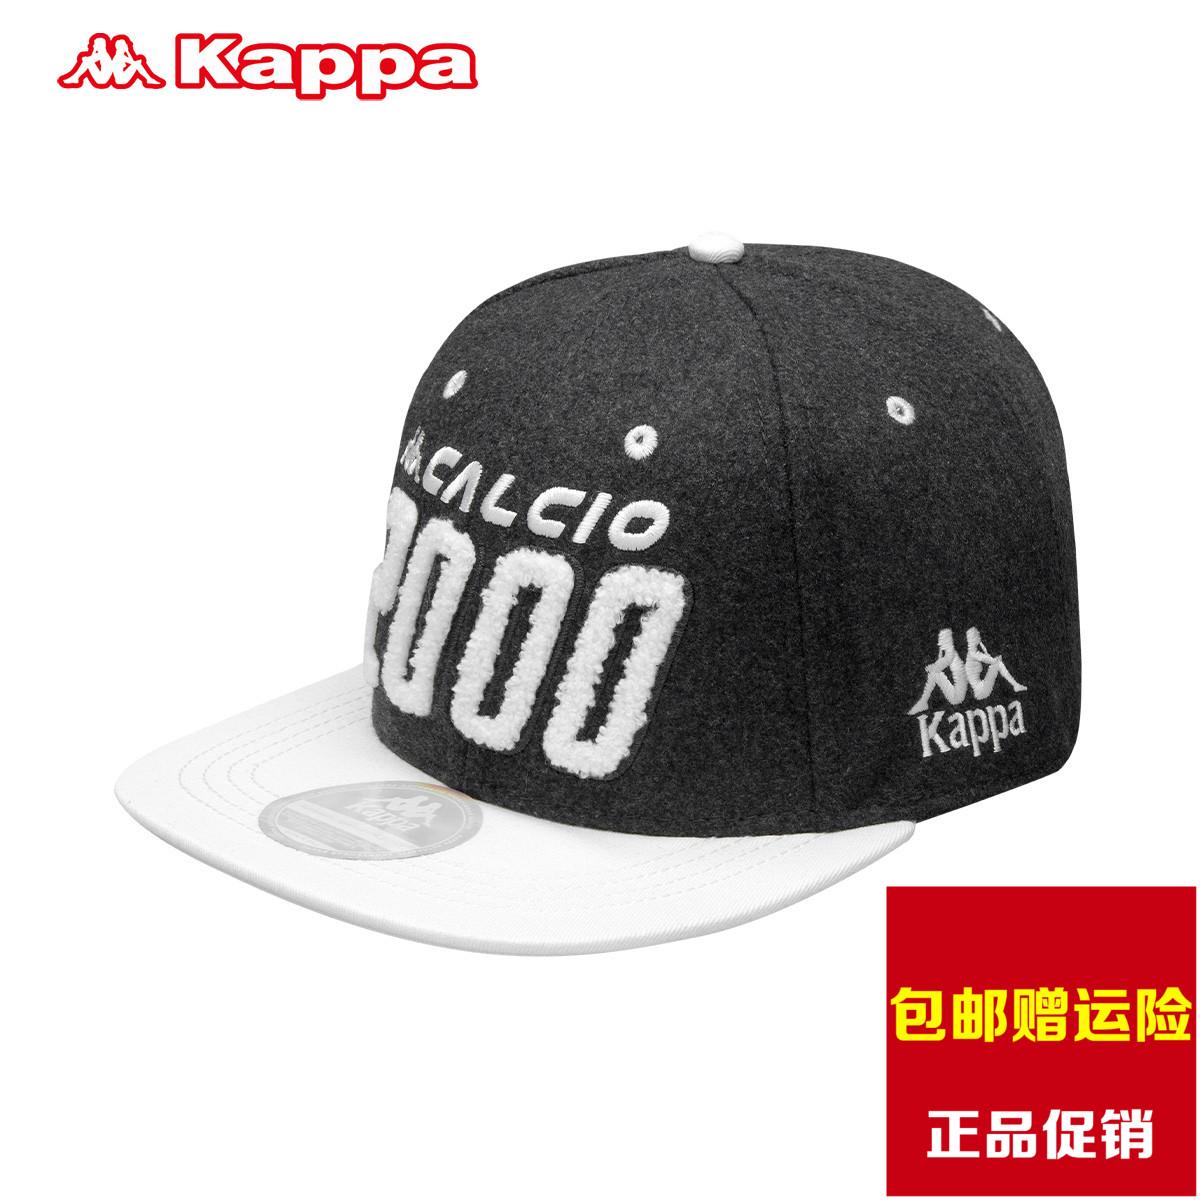 背靠背Kappa男女�p制帽 平檐帽情�H潮帽棒球帽�r尚帽 K07Y8MP6